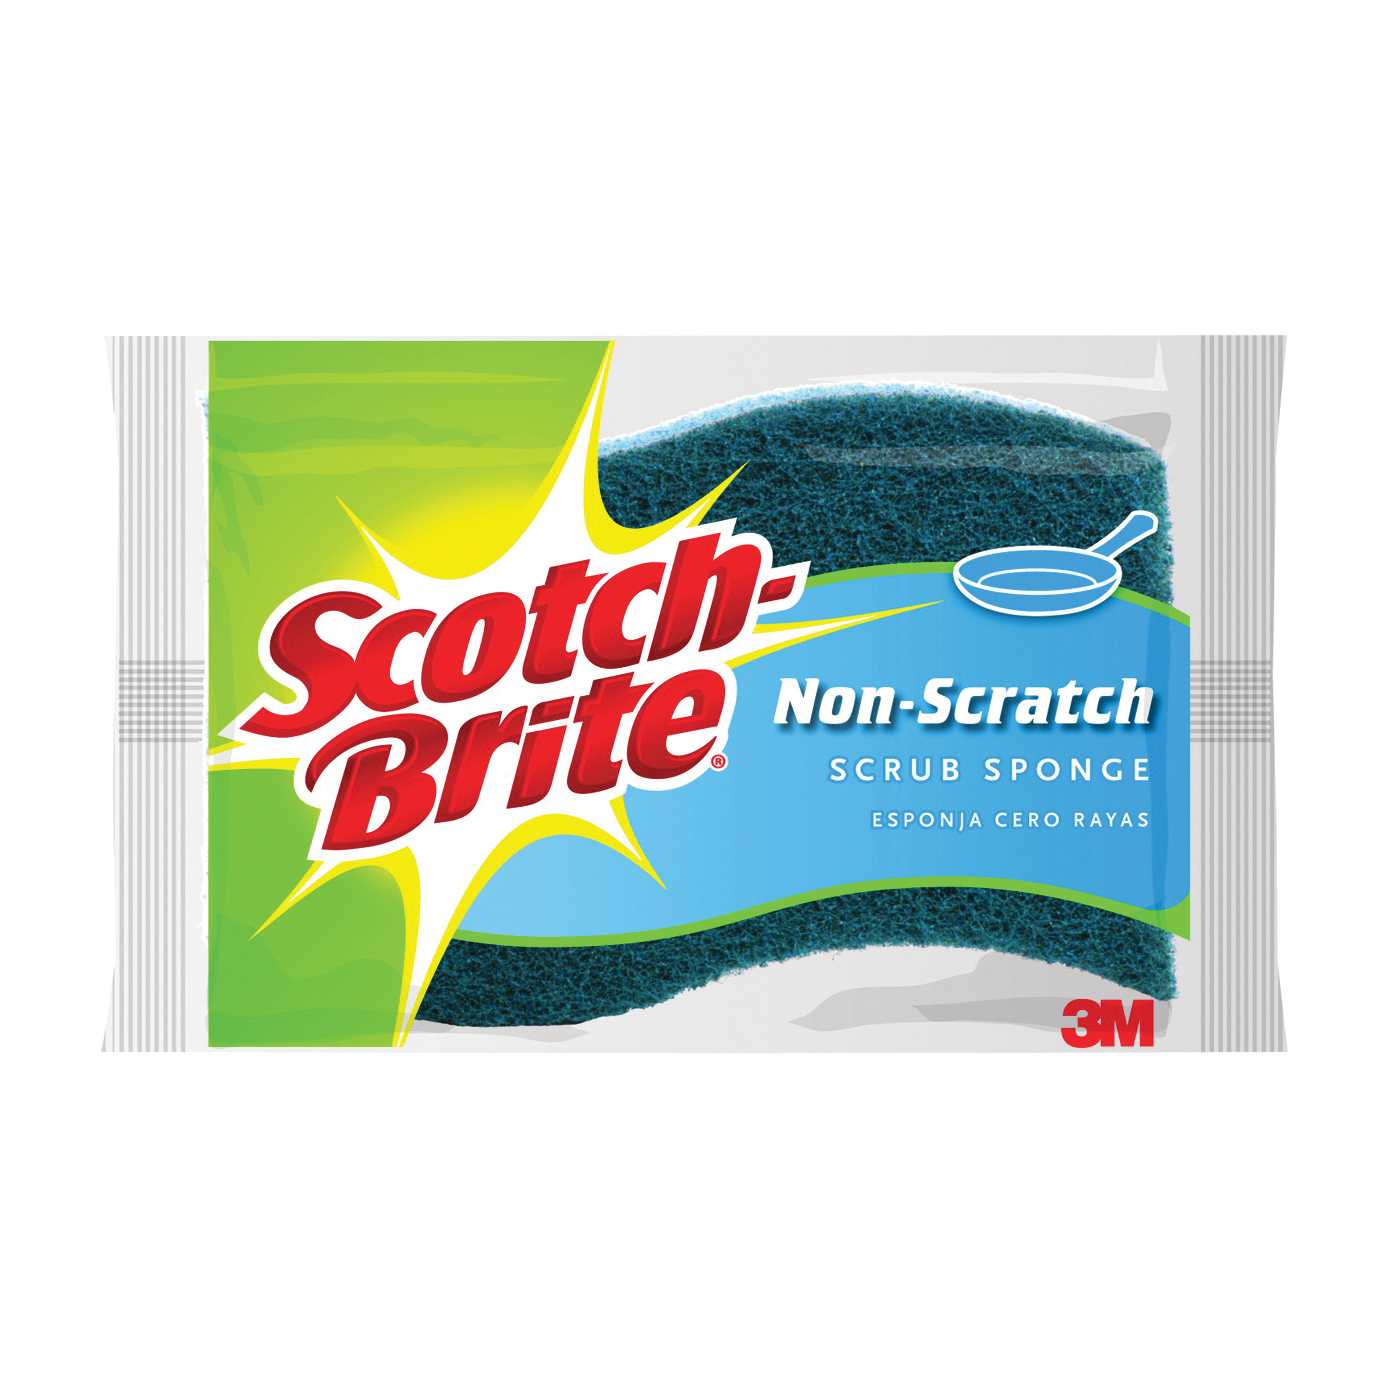 Scotch-Brite 520